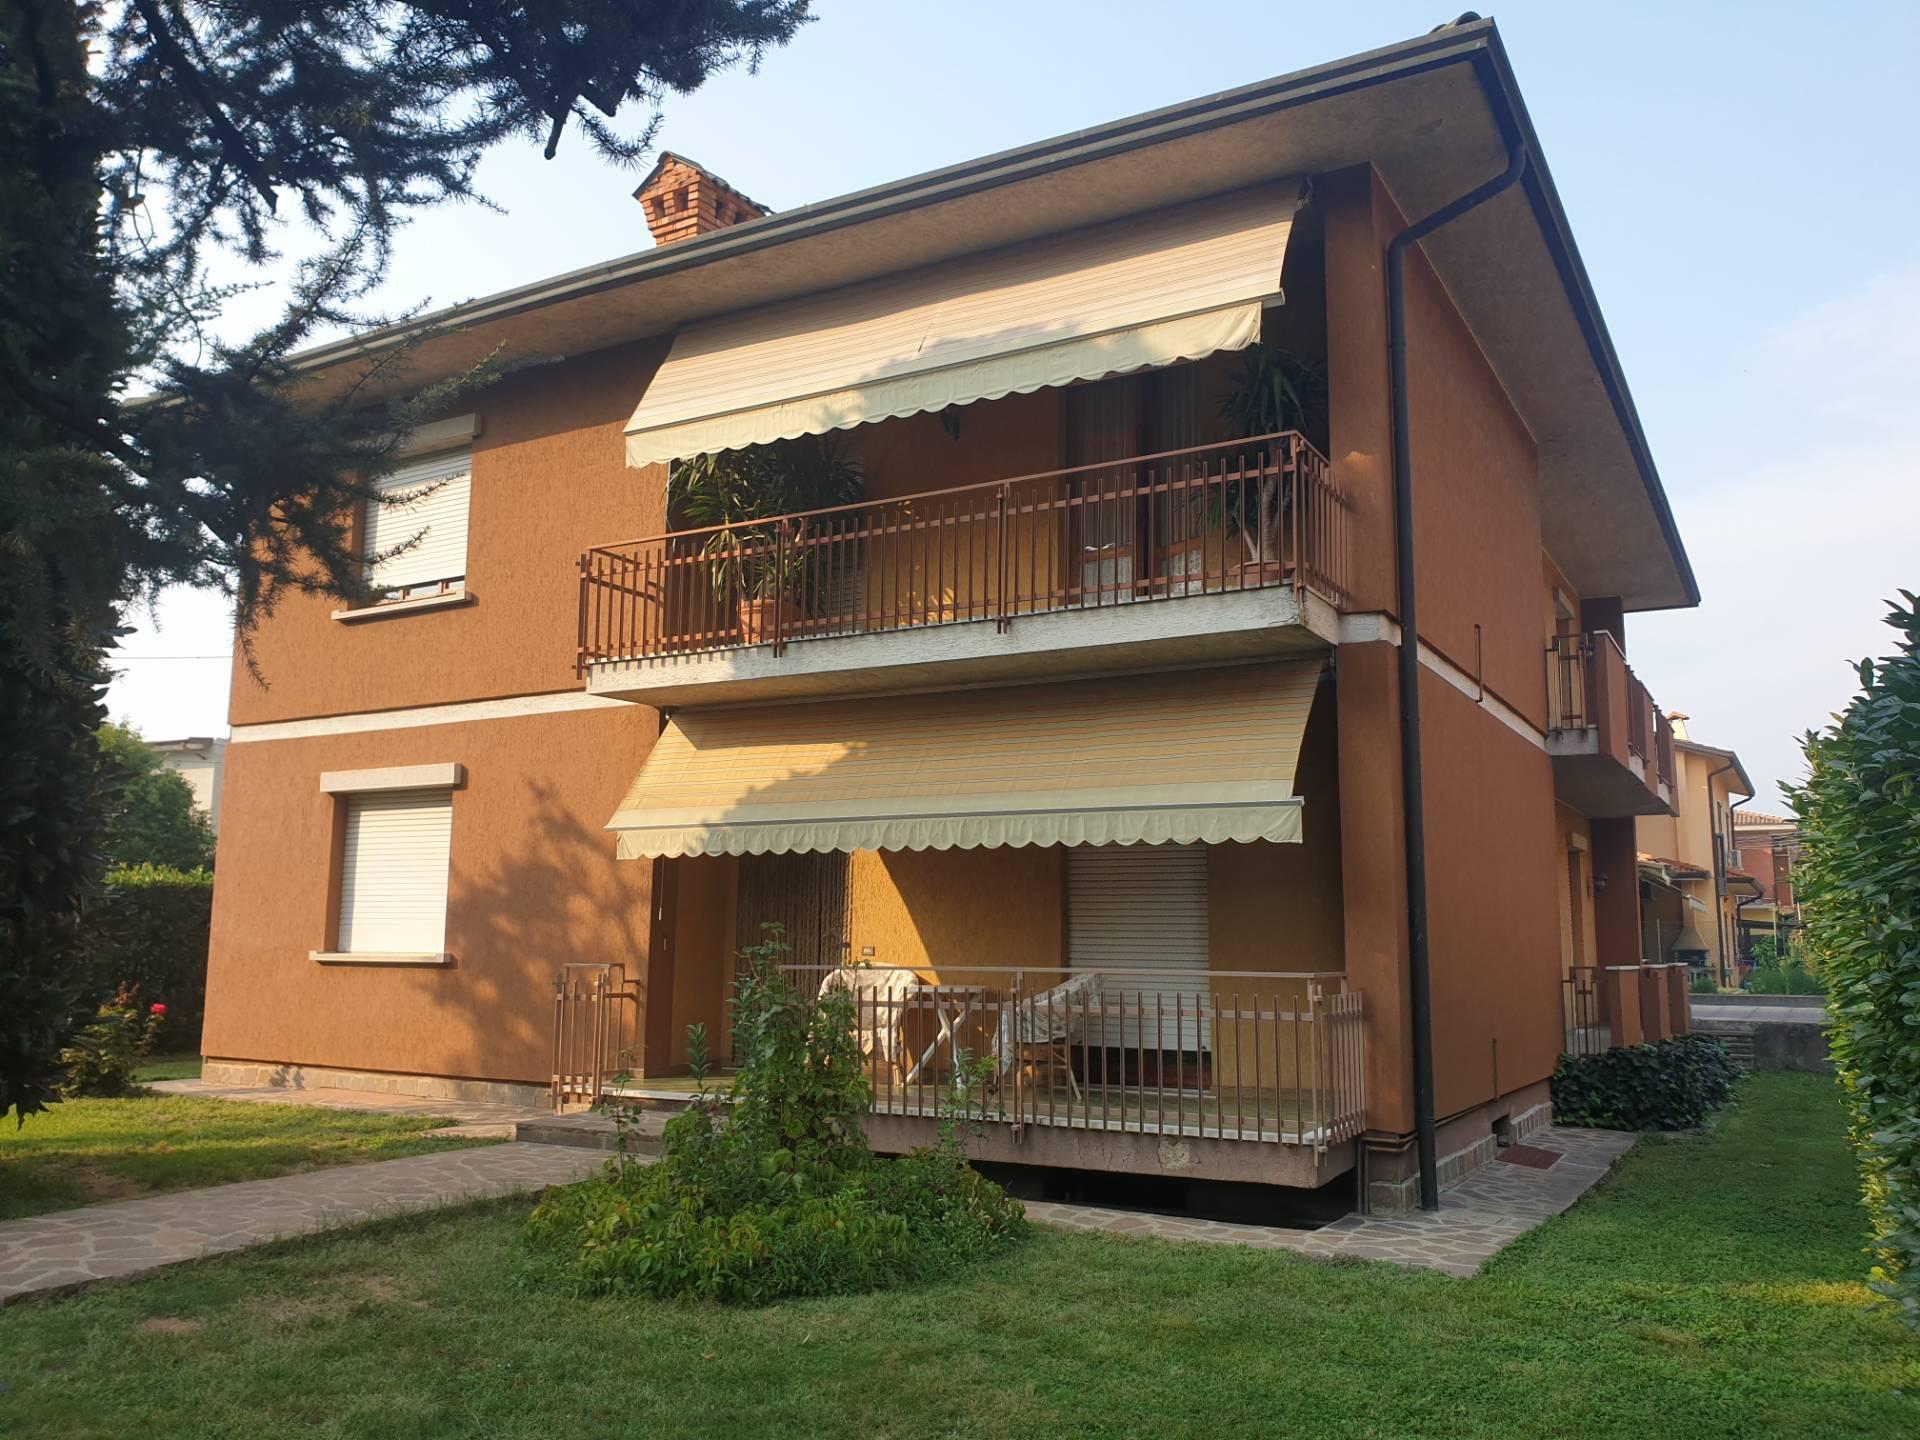 Villa in vendita a Palazzolo sull'Oglio, 8 locali, prezzo € 370.000 | PortaleAgenzieImmobiliari.it